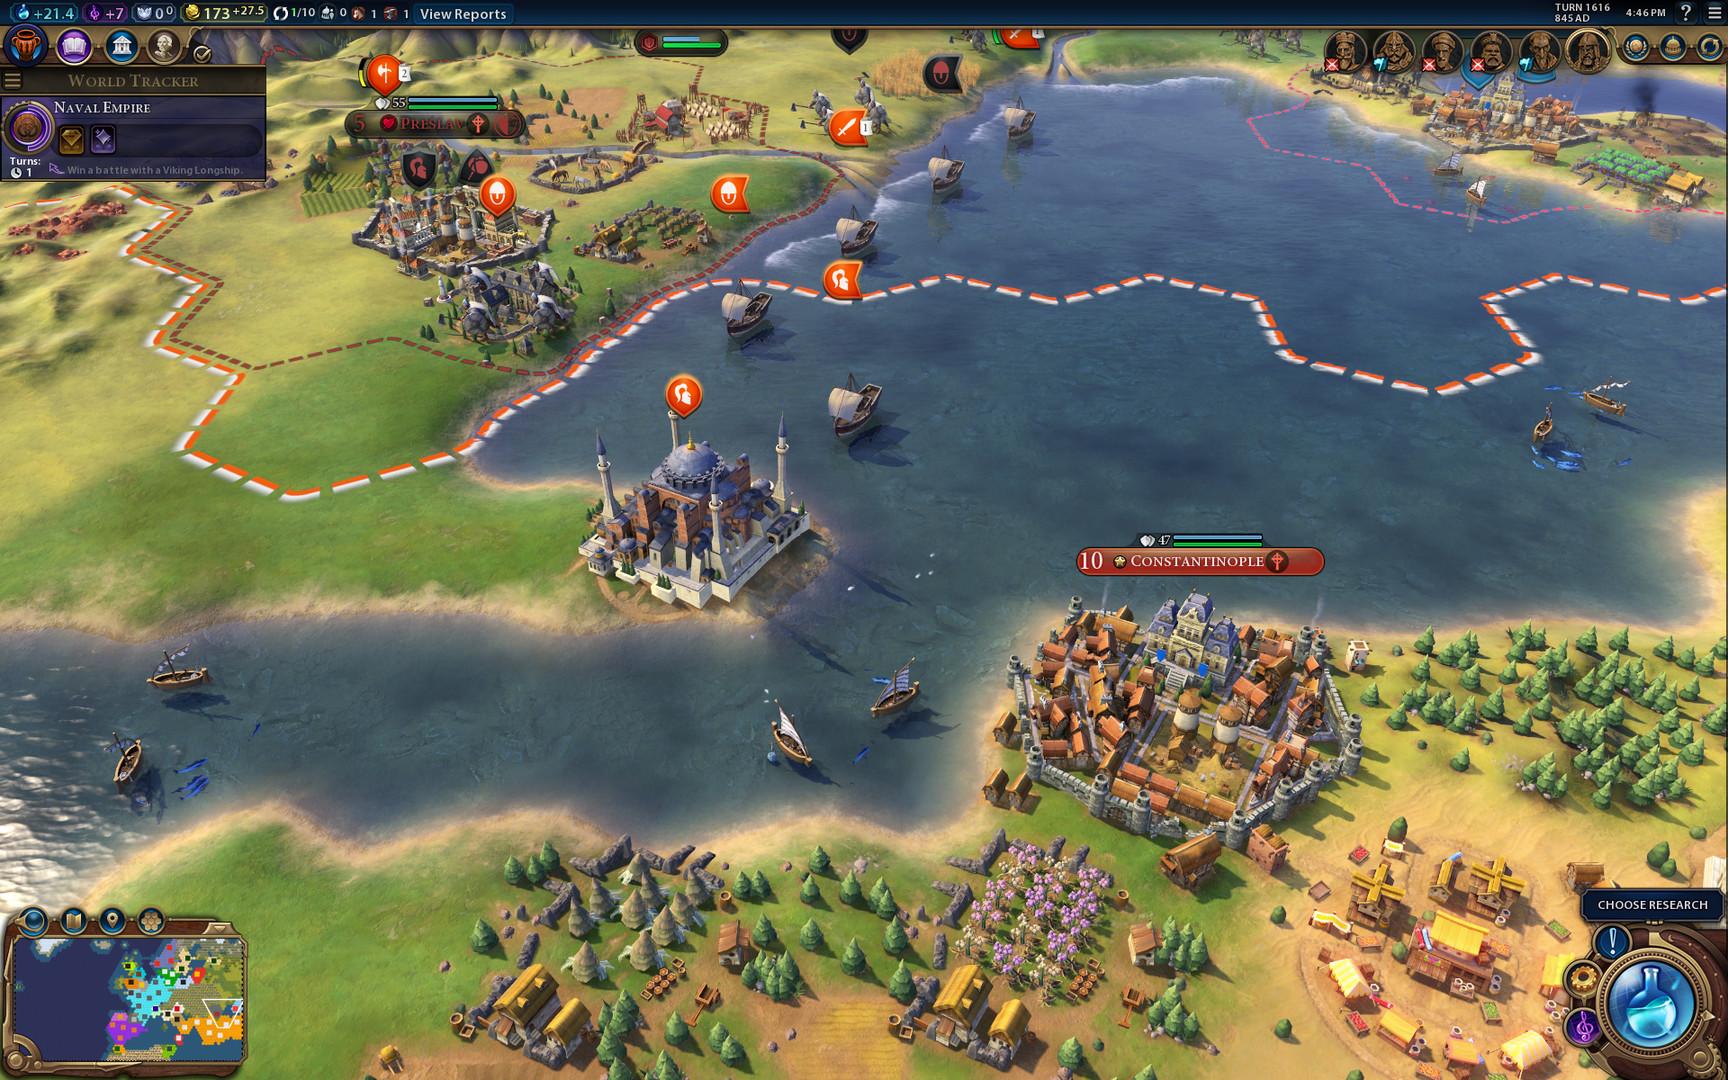 Sid Meier's Civilization VI desembarcó en Xbox One y PlayStation 4